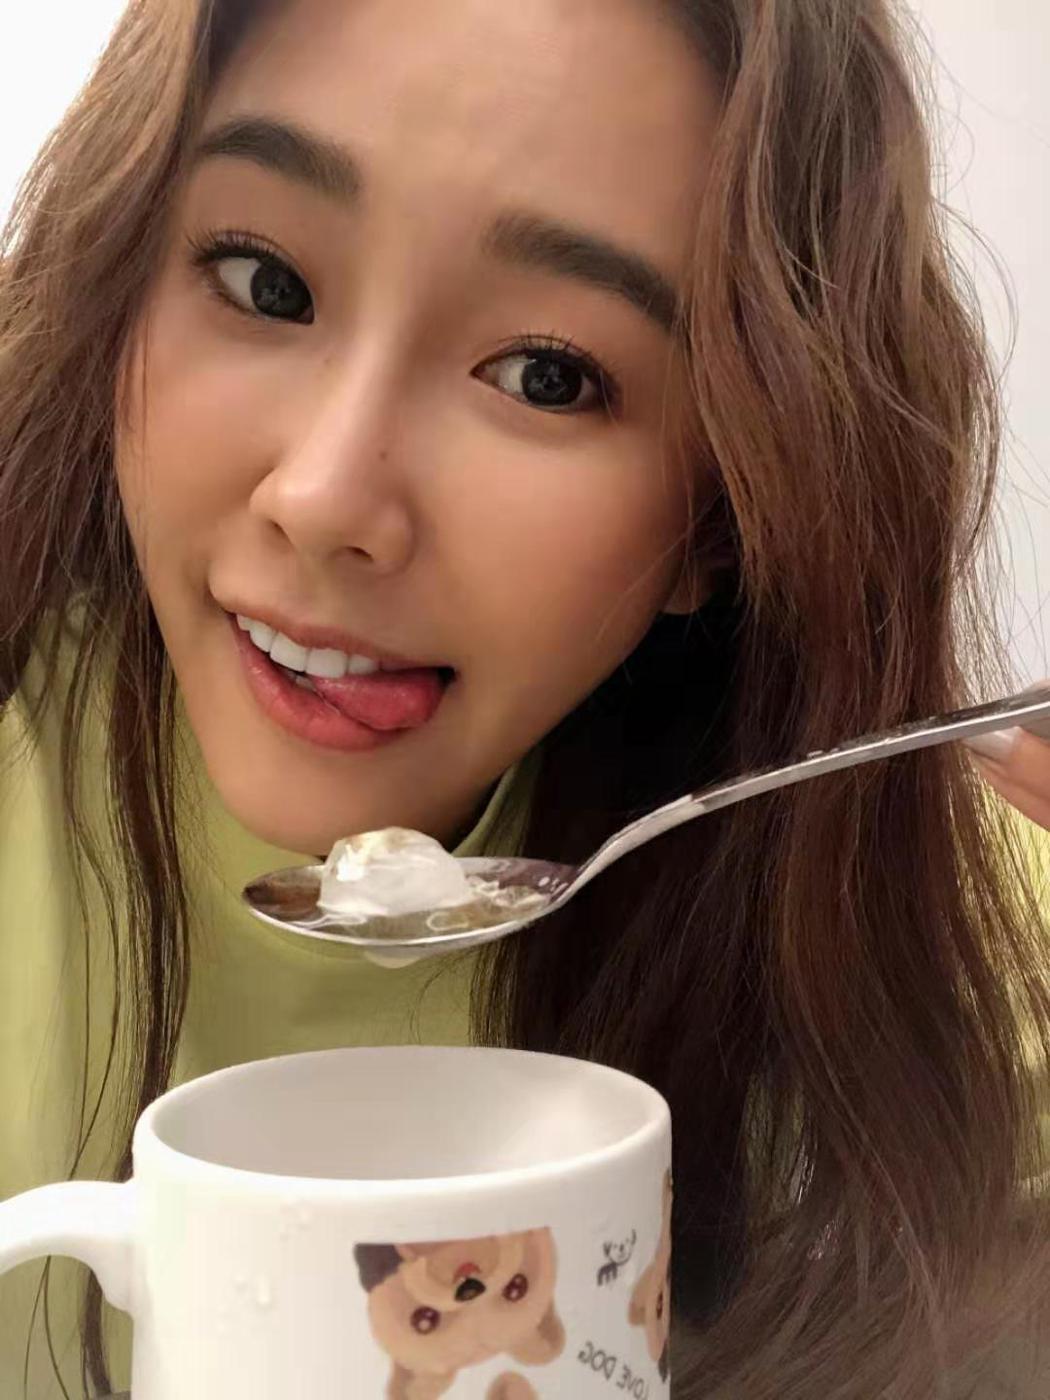 黃心娣正在拍攝電影「女優,摔吧!」。圖/周子娛樂提供